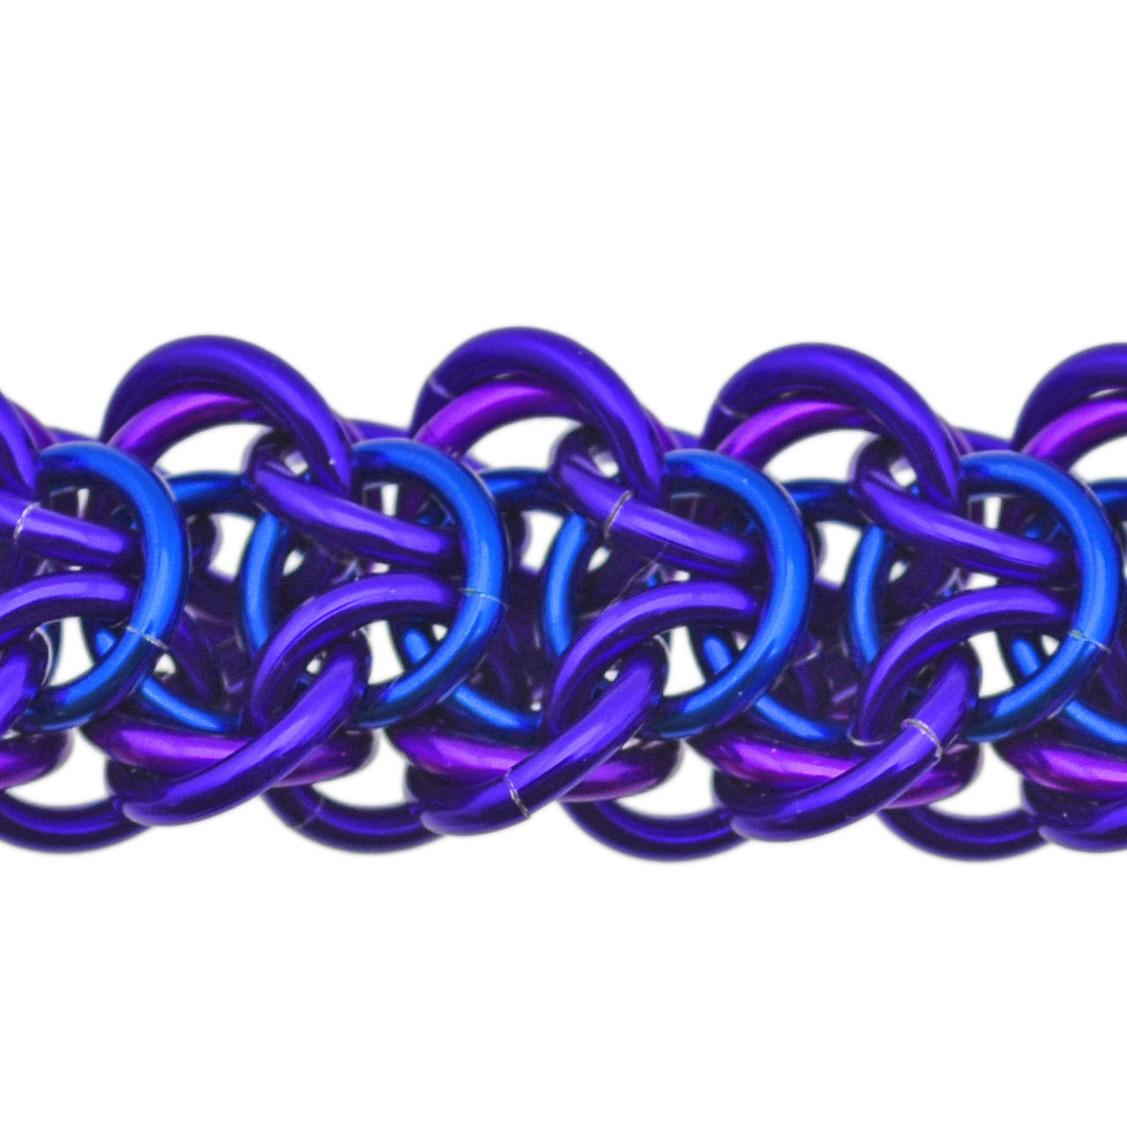 elfweave braid chainmaille weave in purple